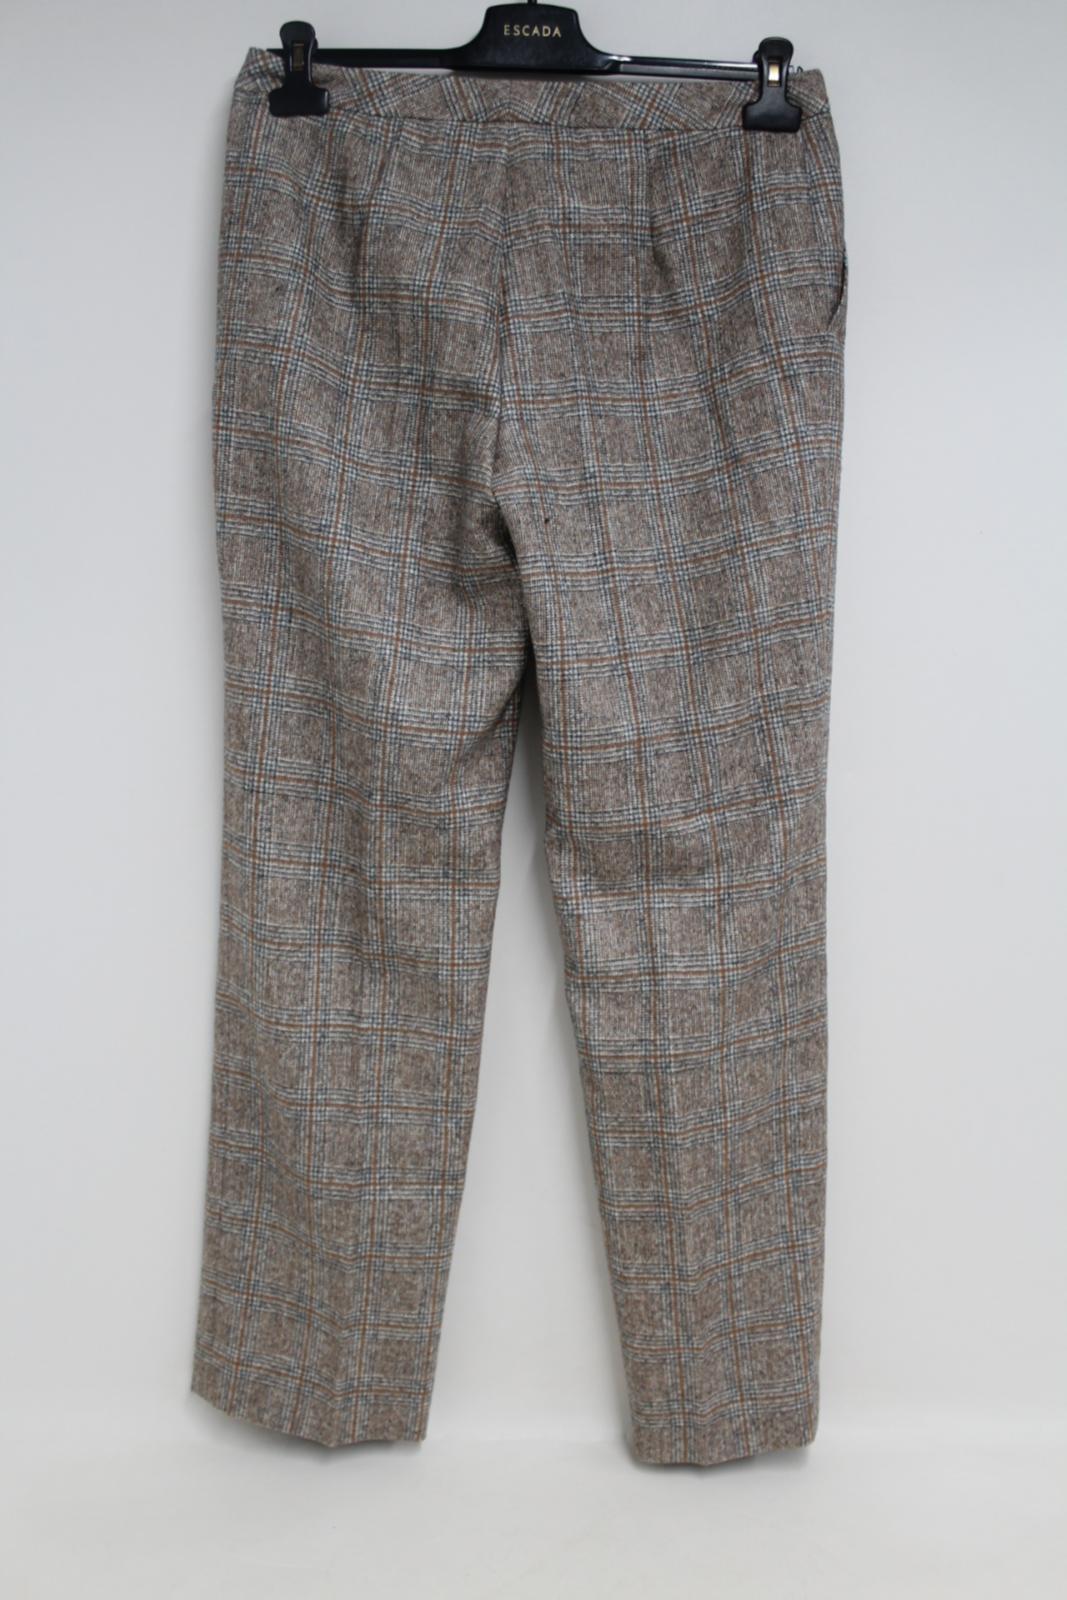 marrone su taglia W32 Uk12 40 stampa da misura Escada quadrata donna Pantalone Eu38 L31 con q18dq